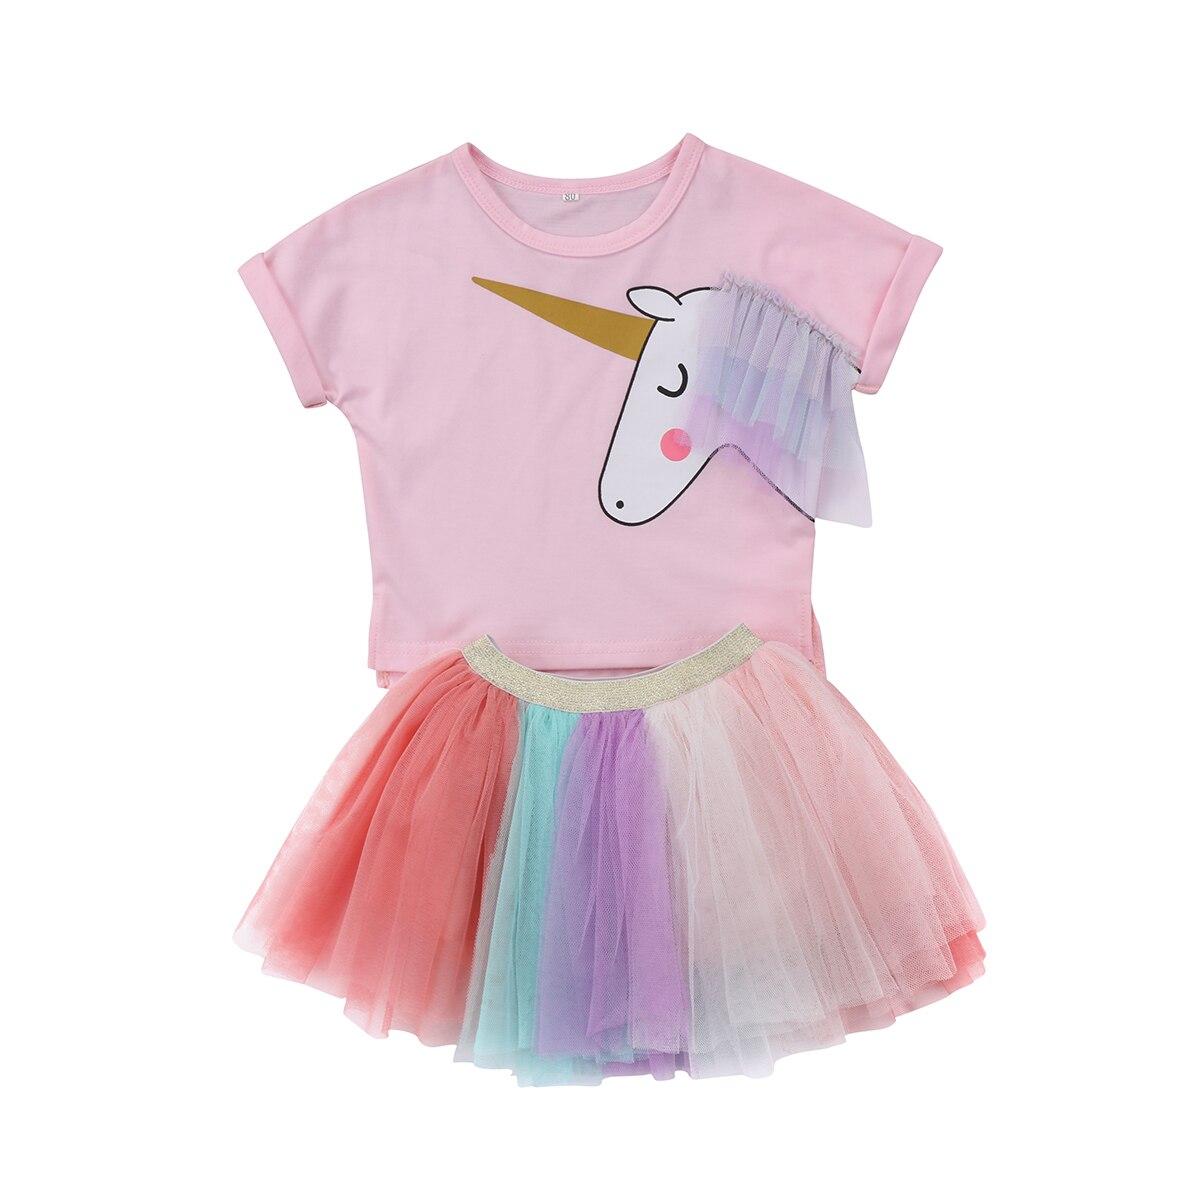 Crianças Bebê Meninas Impresso Top T-shirt + Rendas Tutu Saia Roupas Set Roupas de Verão